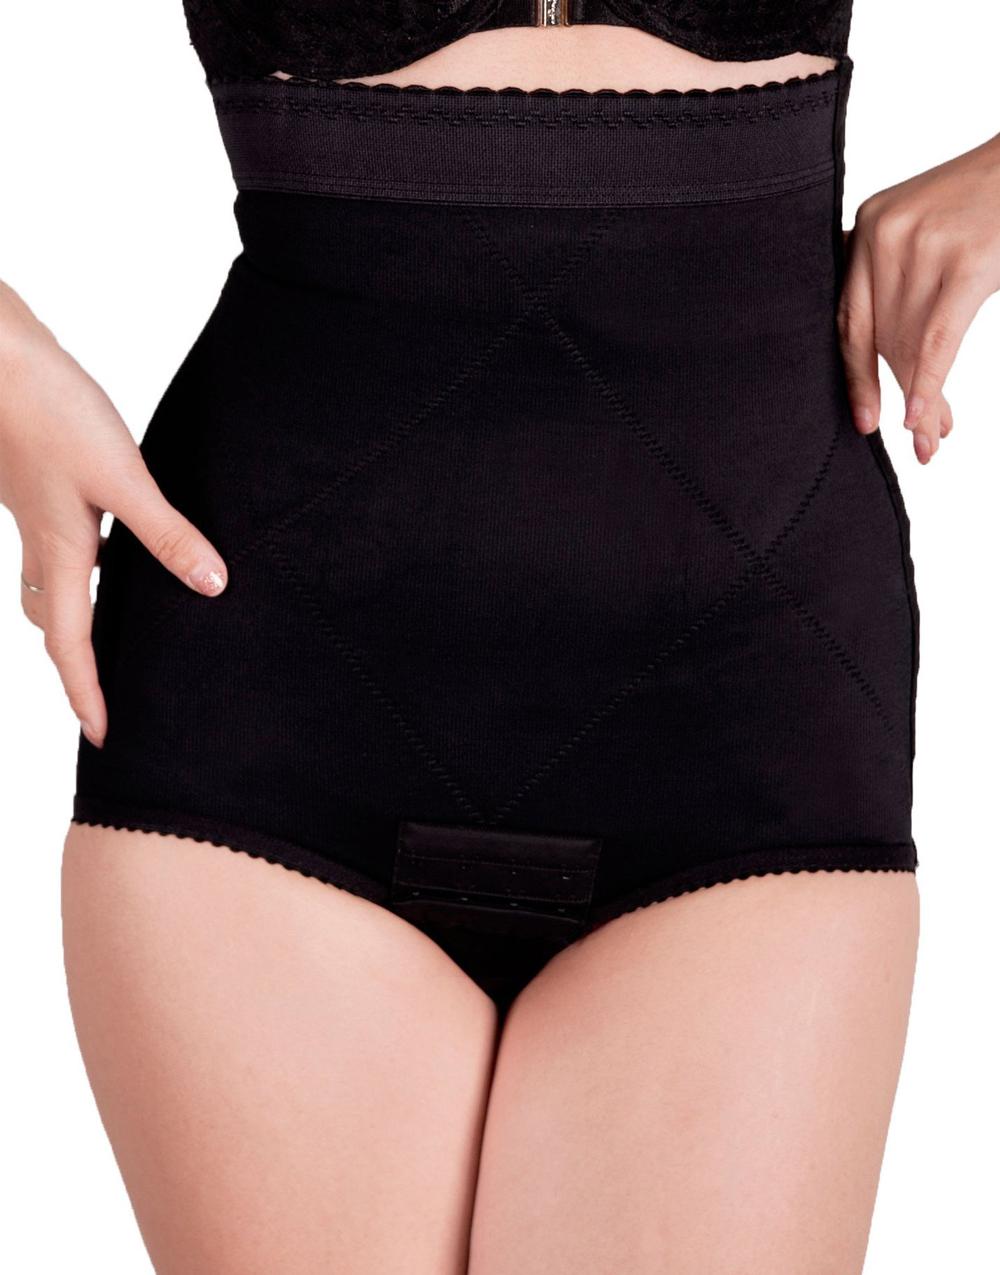 Postpartum Ultra Bikini in Black by Wink Shapewear | 2XL